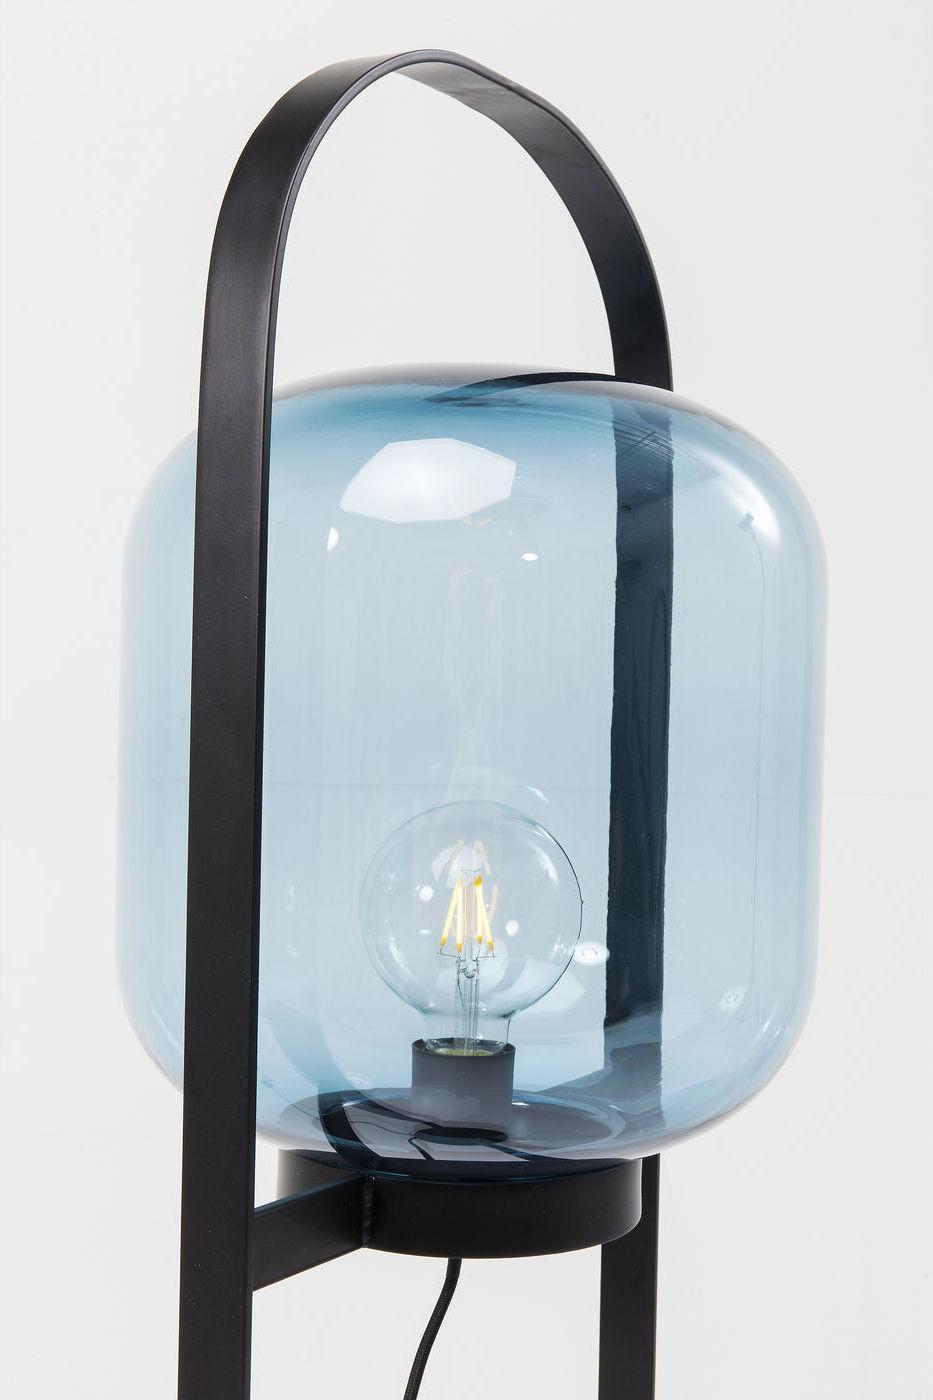 Kare Design - Vloerlamp Jupiter - H125 Cm - Blauw - Zwart Frame